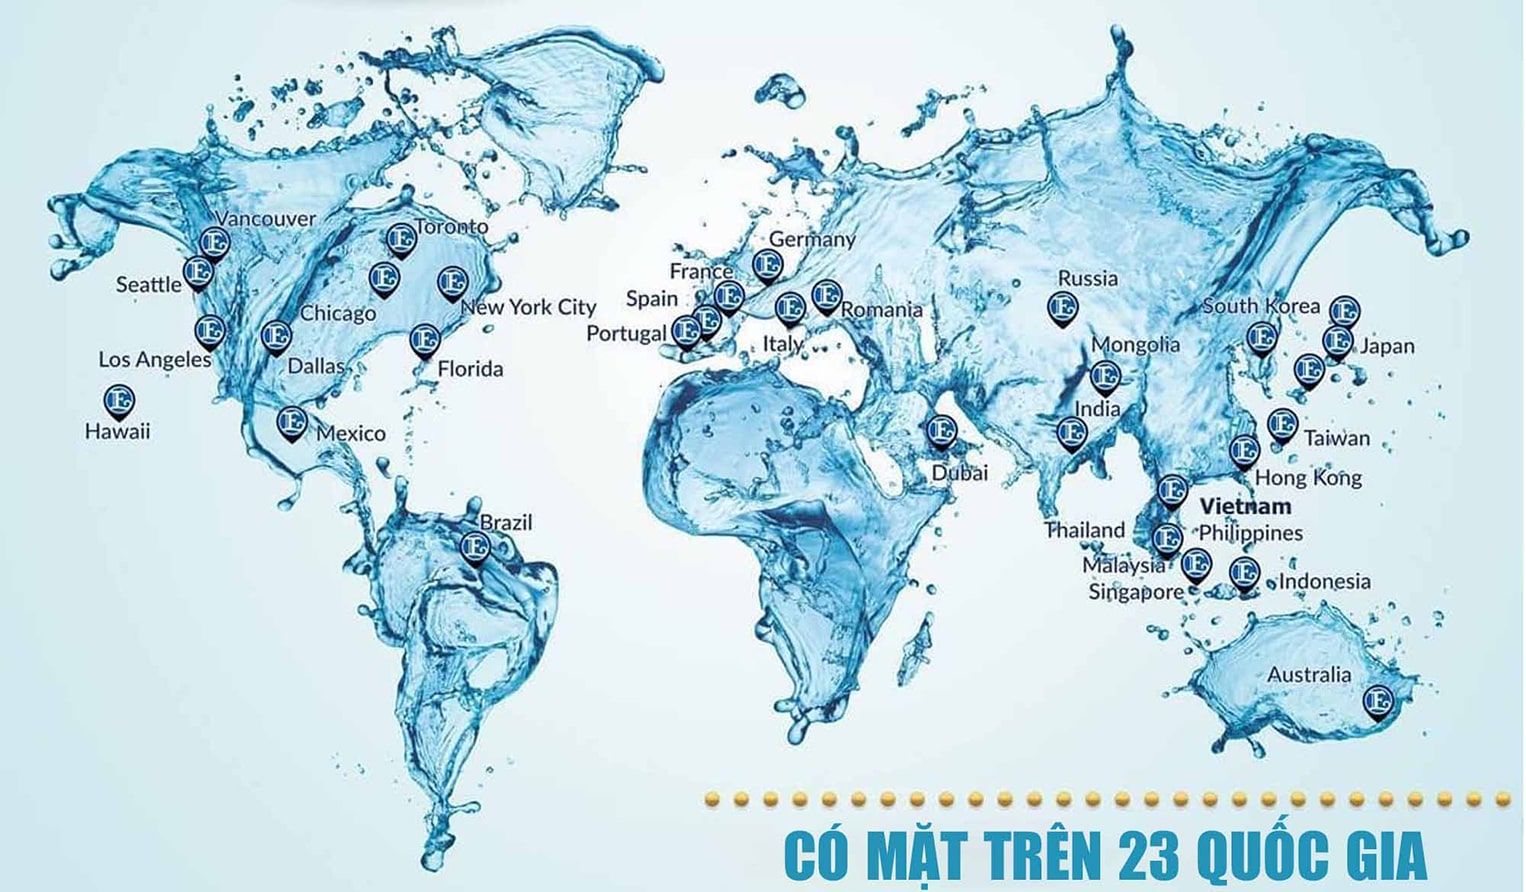 Máy lọc nước Kangen của Enagic đã có mặt trên nhiều quốc gia